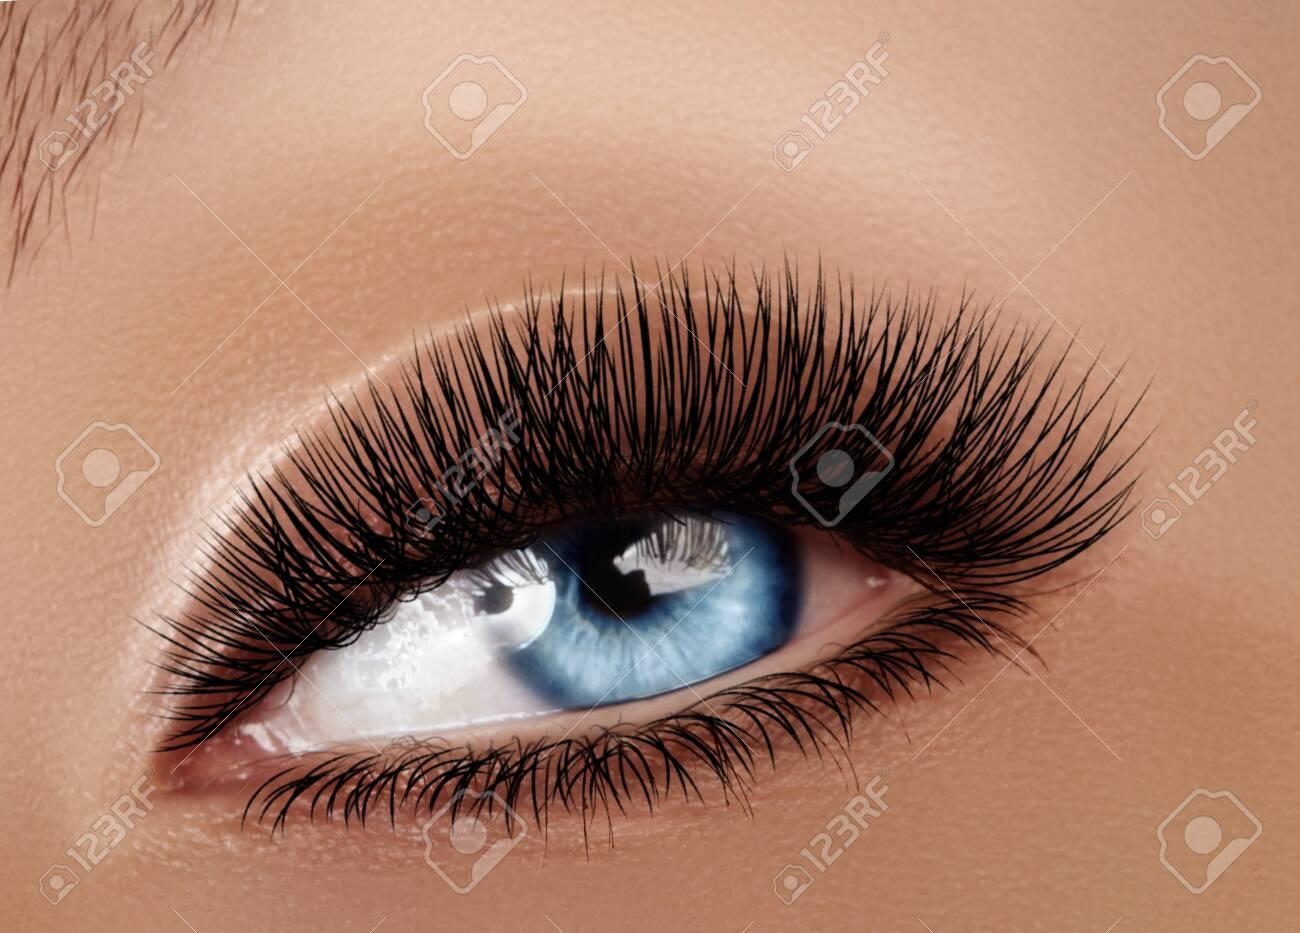 Beautiful Macro Female Eye with Extreme Long Eyelashes and Celebrate Makeup. Perfect Shape Make-up, Fashion Long Lashes. Cosmetics and make-up. Closeup macro shot of fashion eyes visage - 131921823